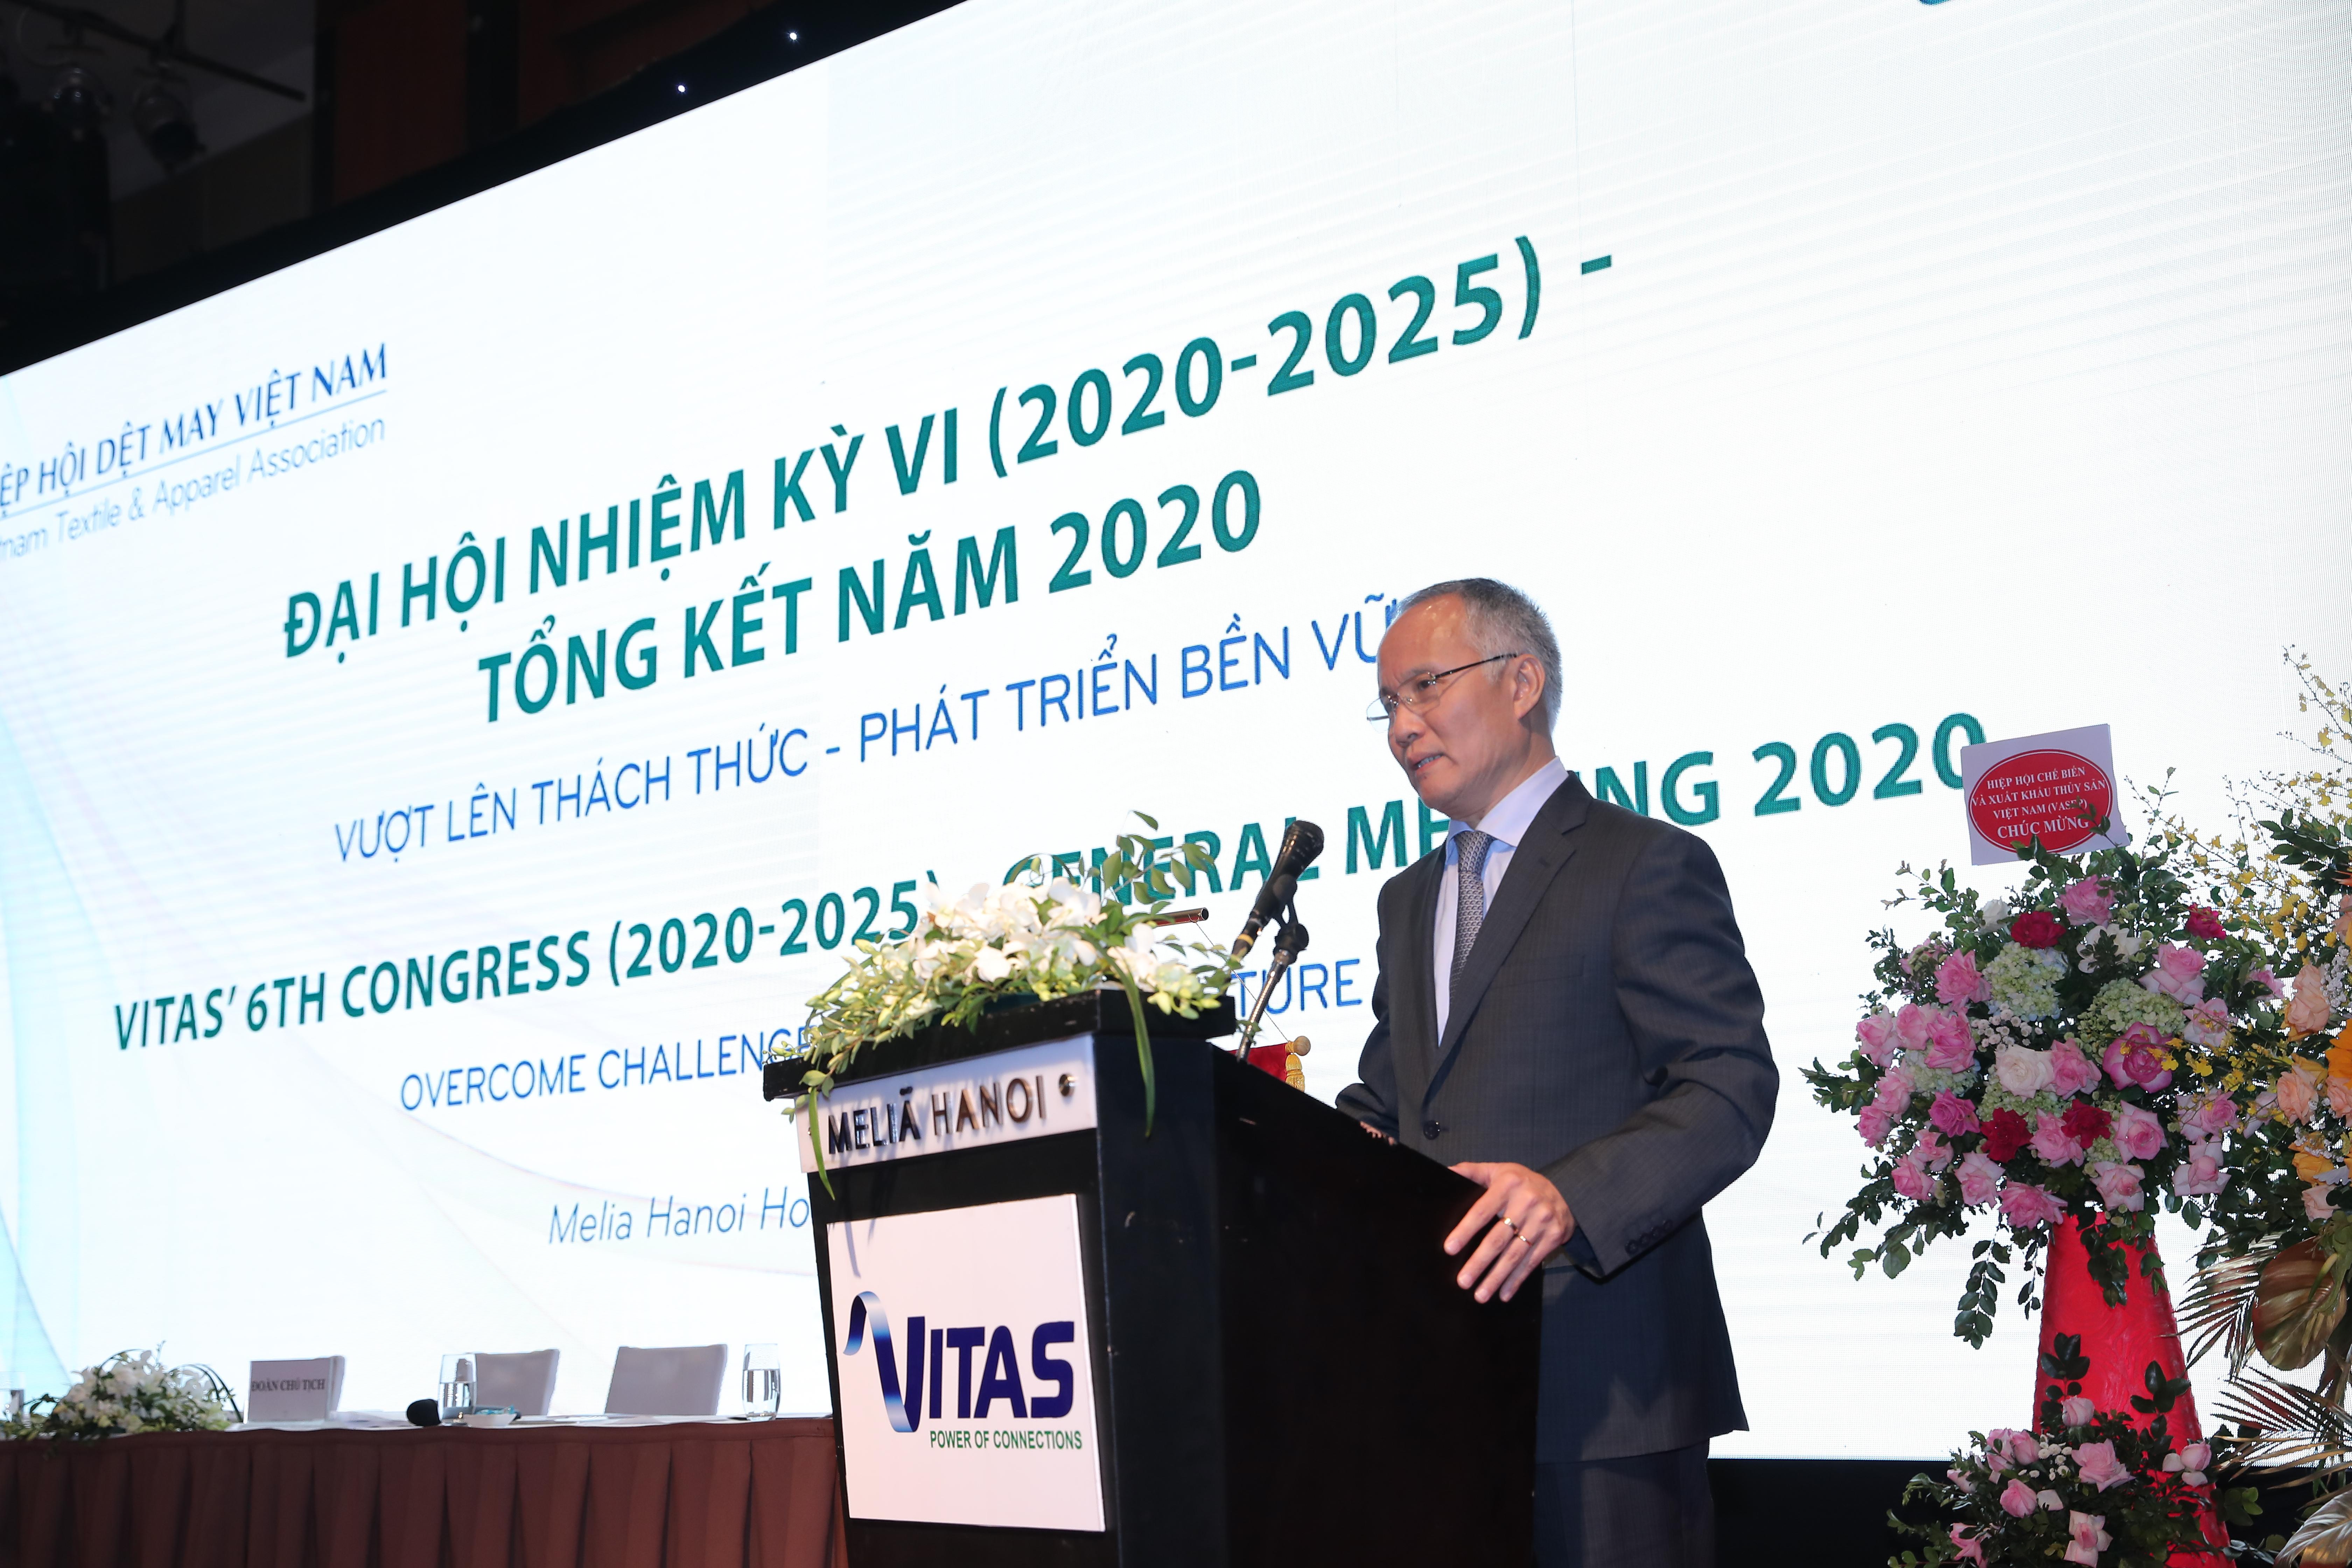 Đại hội nhiệm kỳ VI (2020 – 2025) - Tổng kết Hiệp hội Dệt may Việt Nam năm 2020